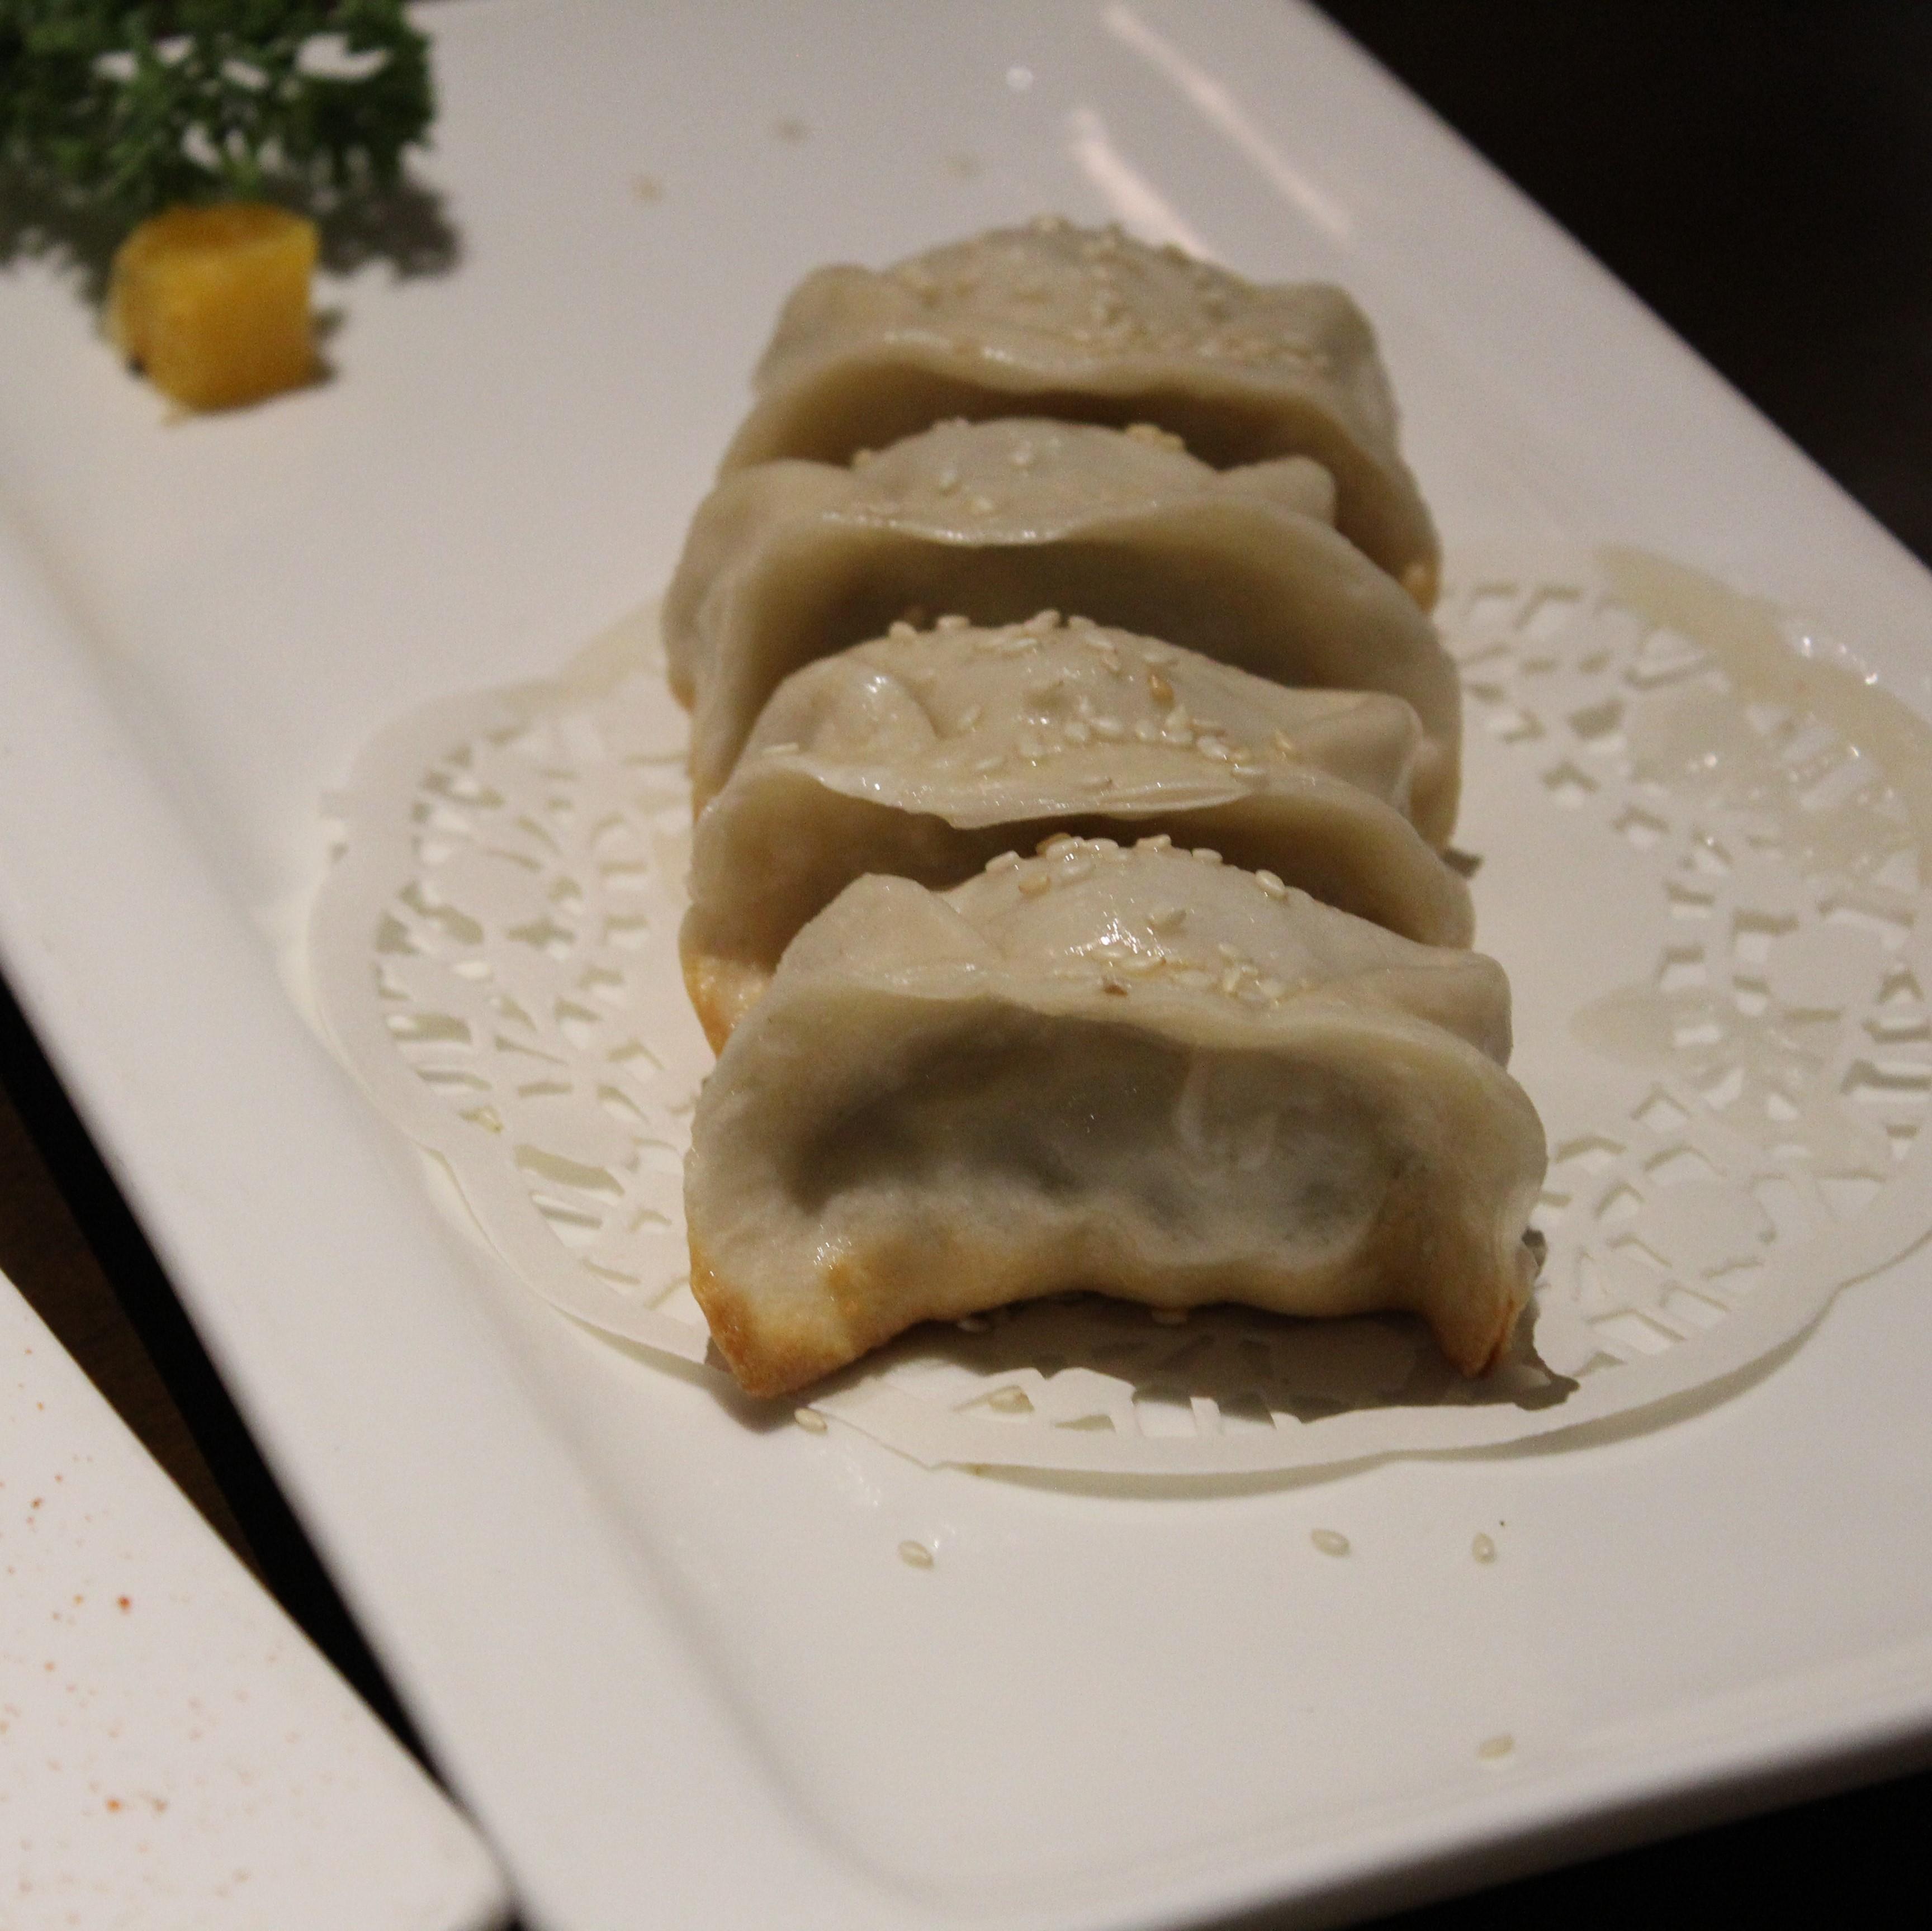 Das Bild zeigt einen weißen Porzellanteller mit gefüllten und gebratenen Teigtaschen, sogenannten Dumplings.